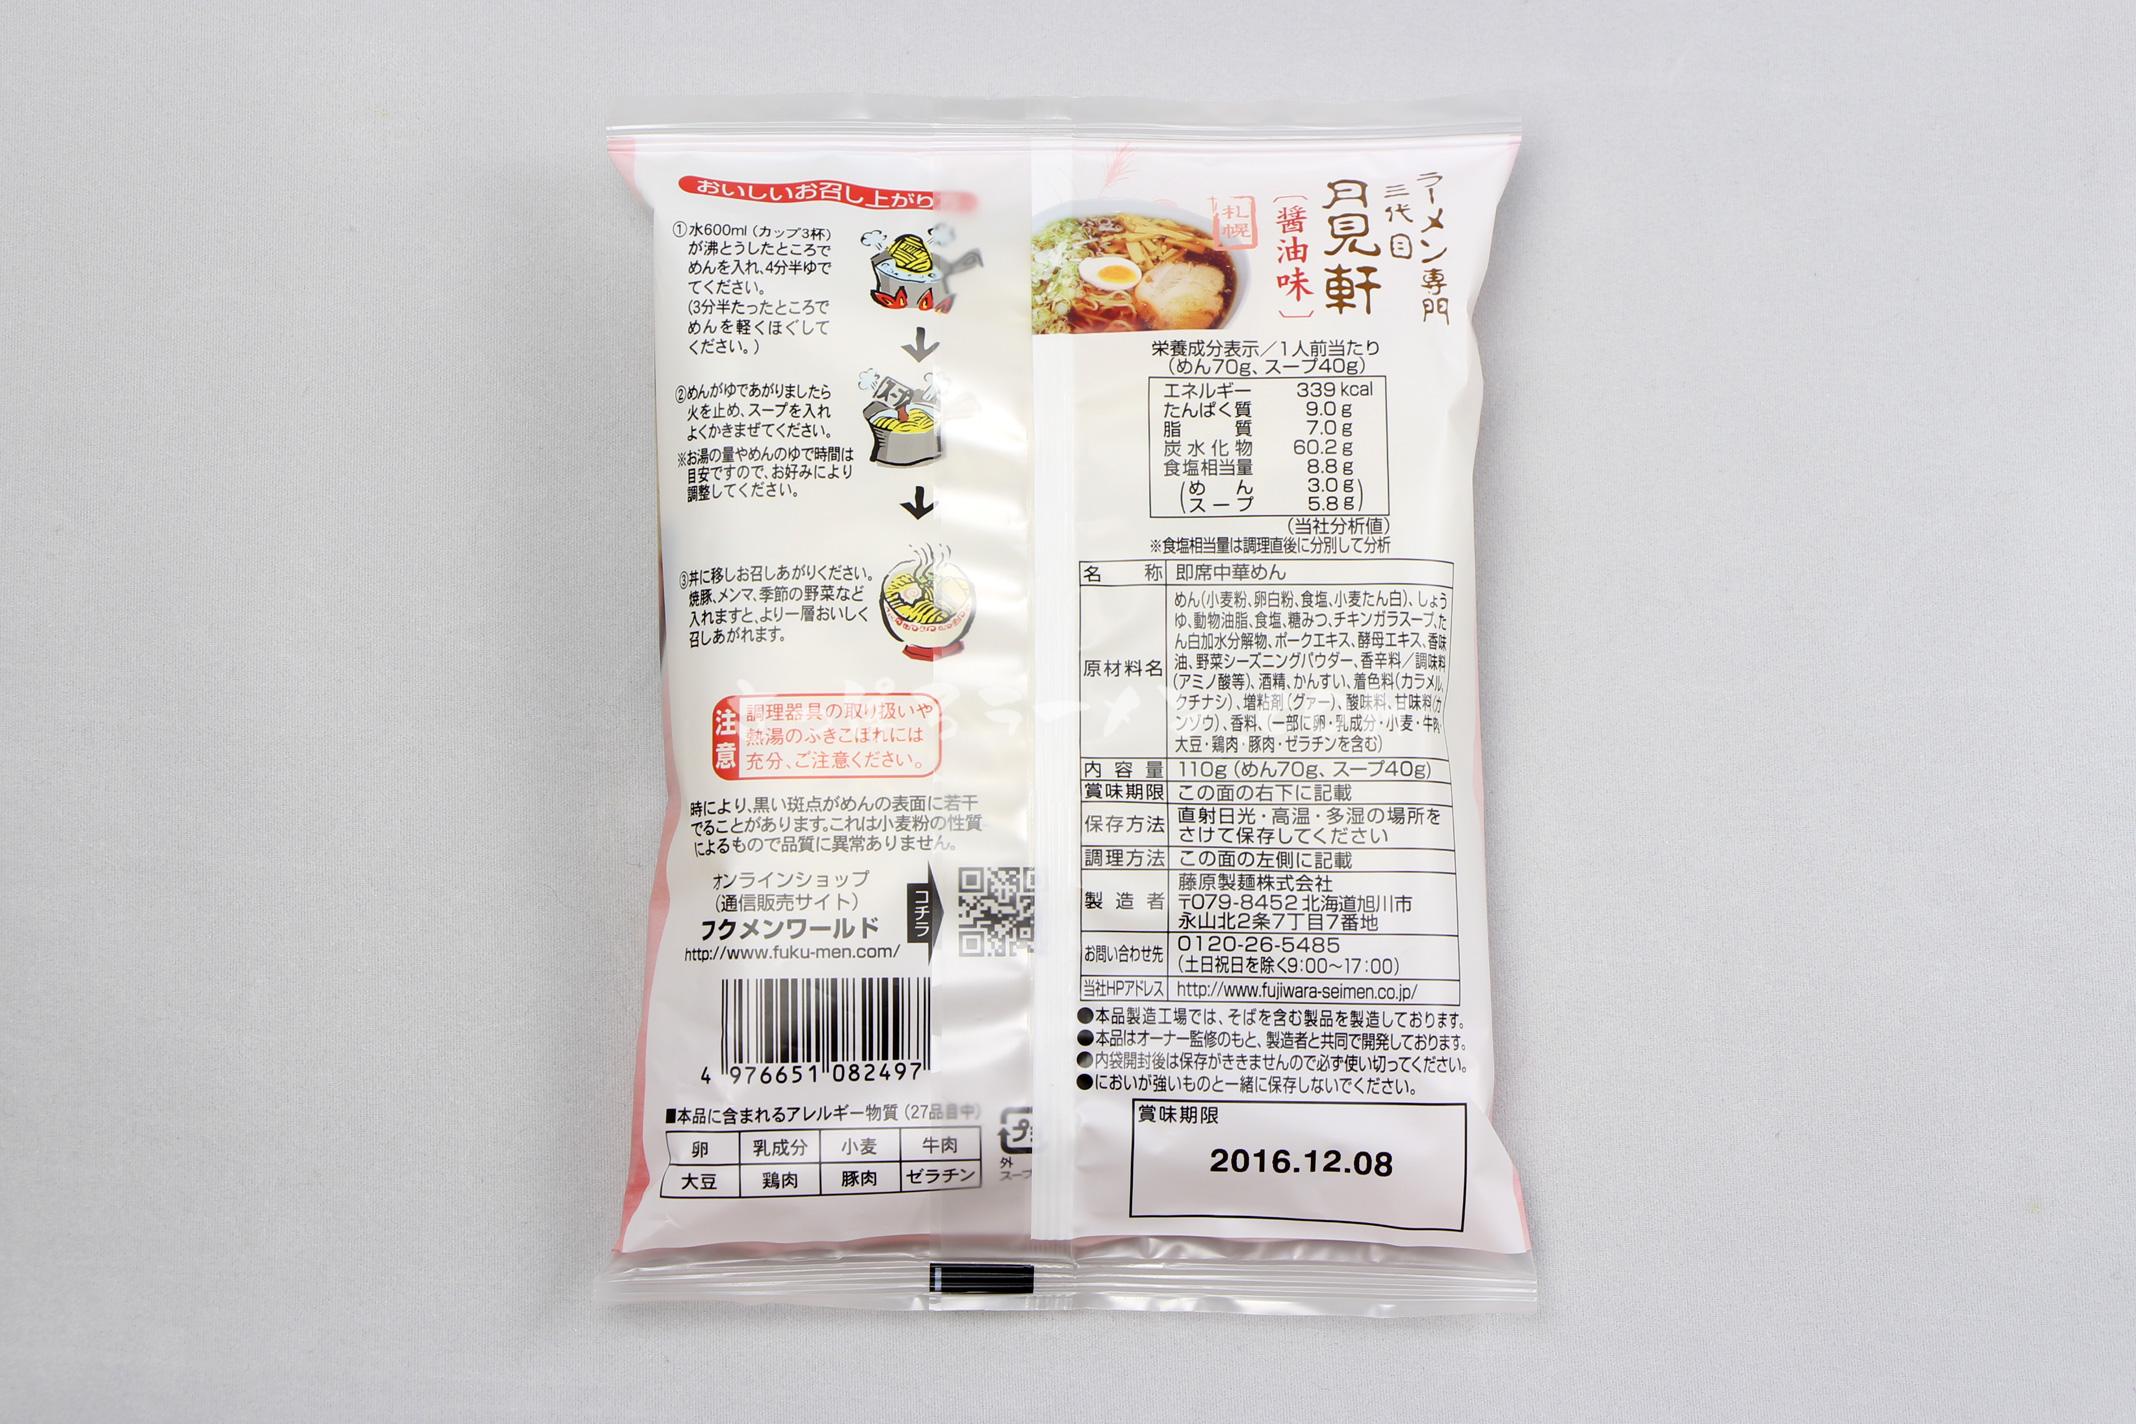 「ラーメン専門 三代目 月見軒 醬油味」(藤原製麺)のパッケージ(裏)